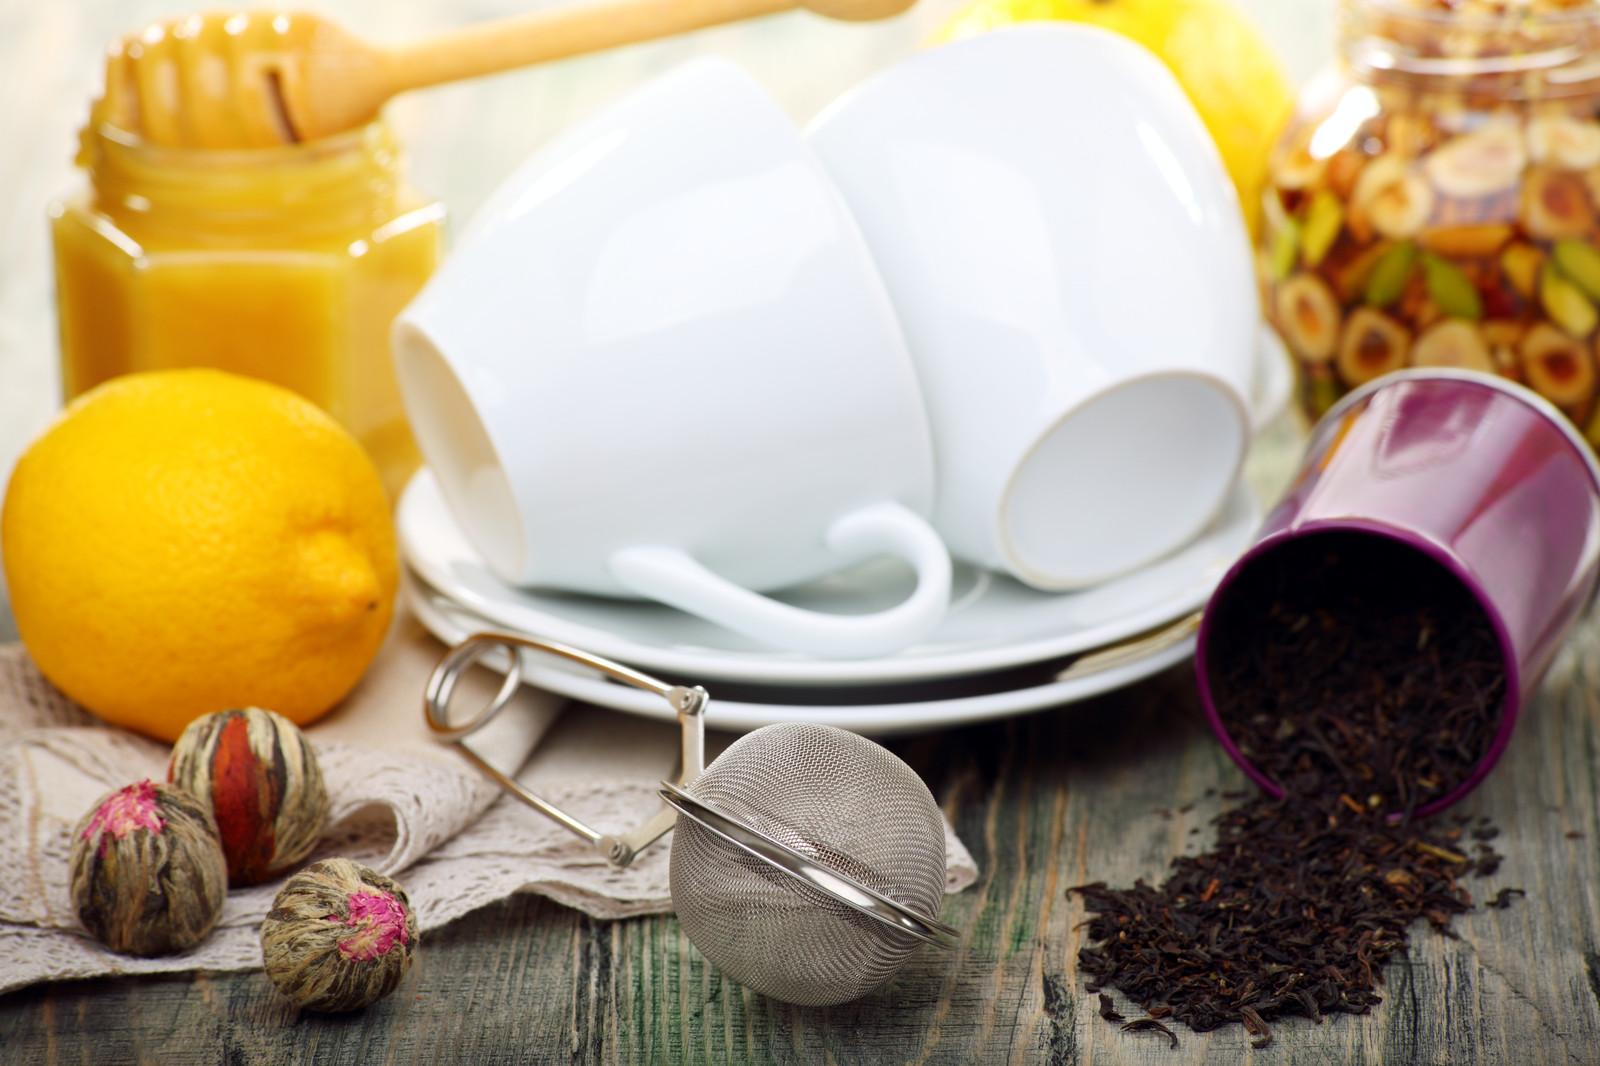 6 produits naturels pour soigner un rhume meilleurs r gimes minceur comment perdre du poids. Black Bedroom Furniture Sets. Home Design Ideas